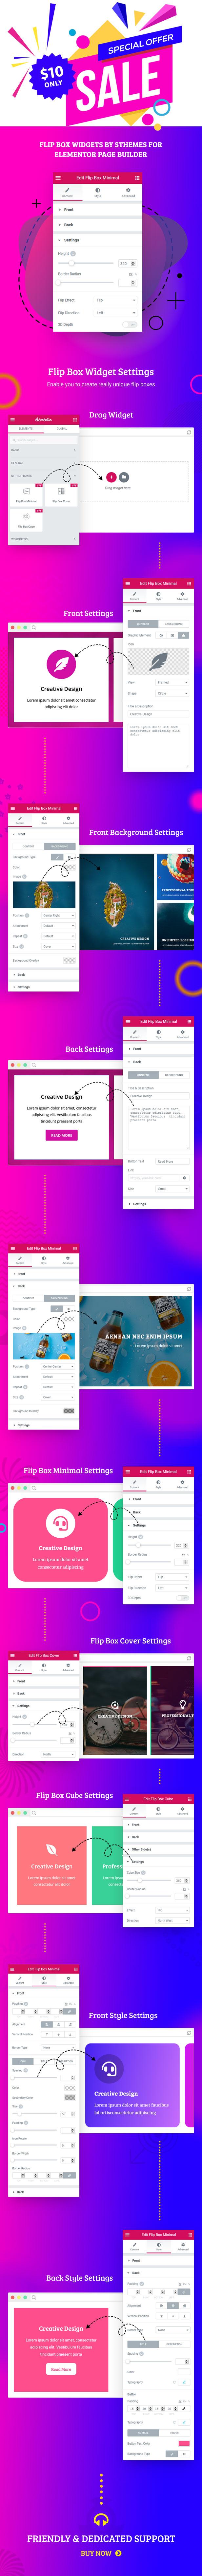 Widgets de pontos de acesso de imagem por SThemes para o construtor Elementor Page